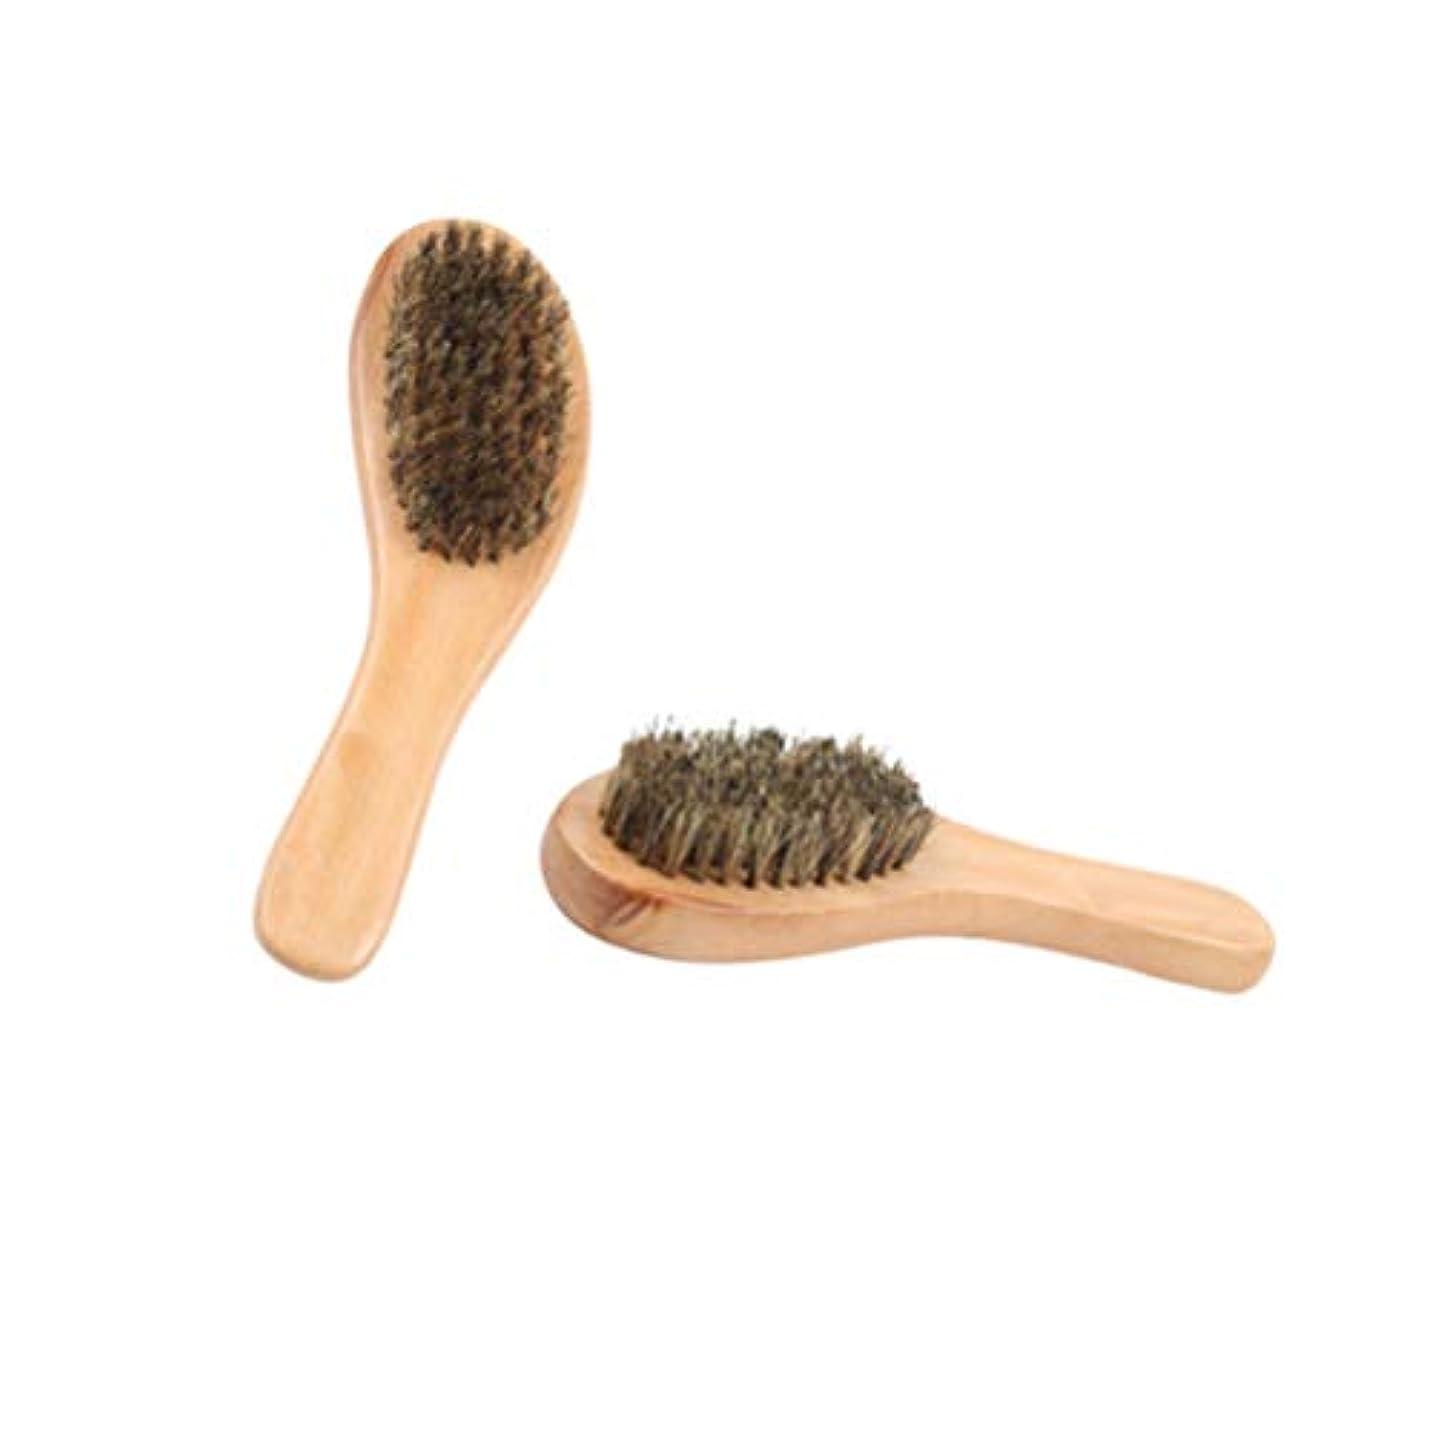 ハチマーティンルーサーキングジュニアモンスターSUPVOX 靴磨き用ブラシ磨き靴用ブラシ剛毛クリーニングブラシ家庭用ショップ用ウッドハンドル付きクリーナー2pcs(カラー1)